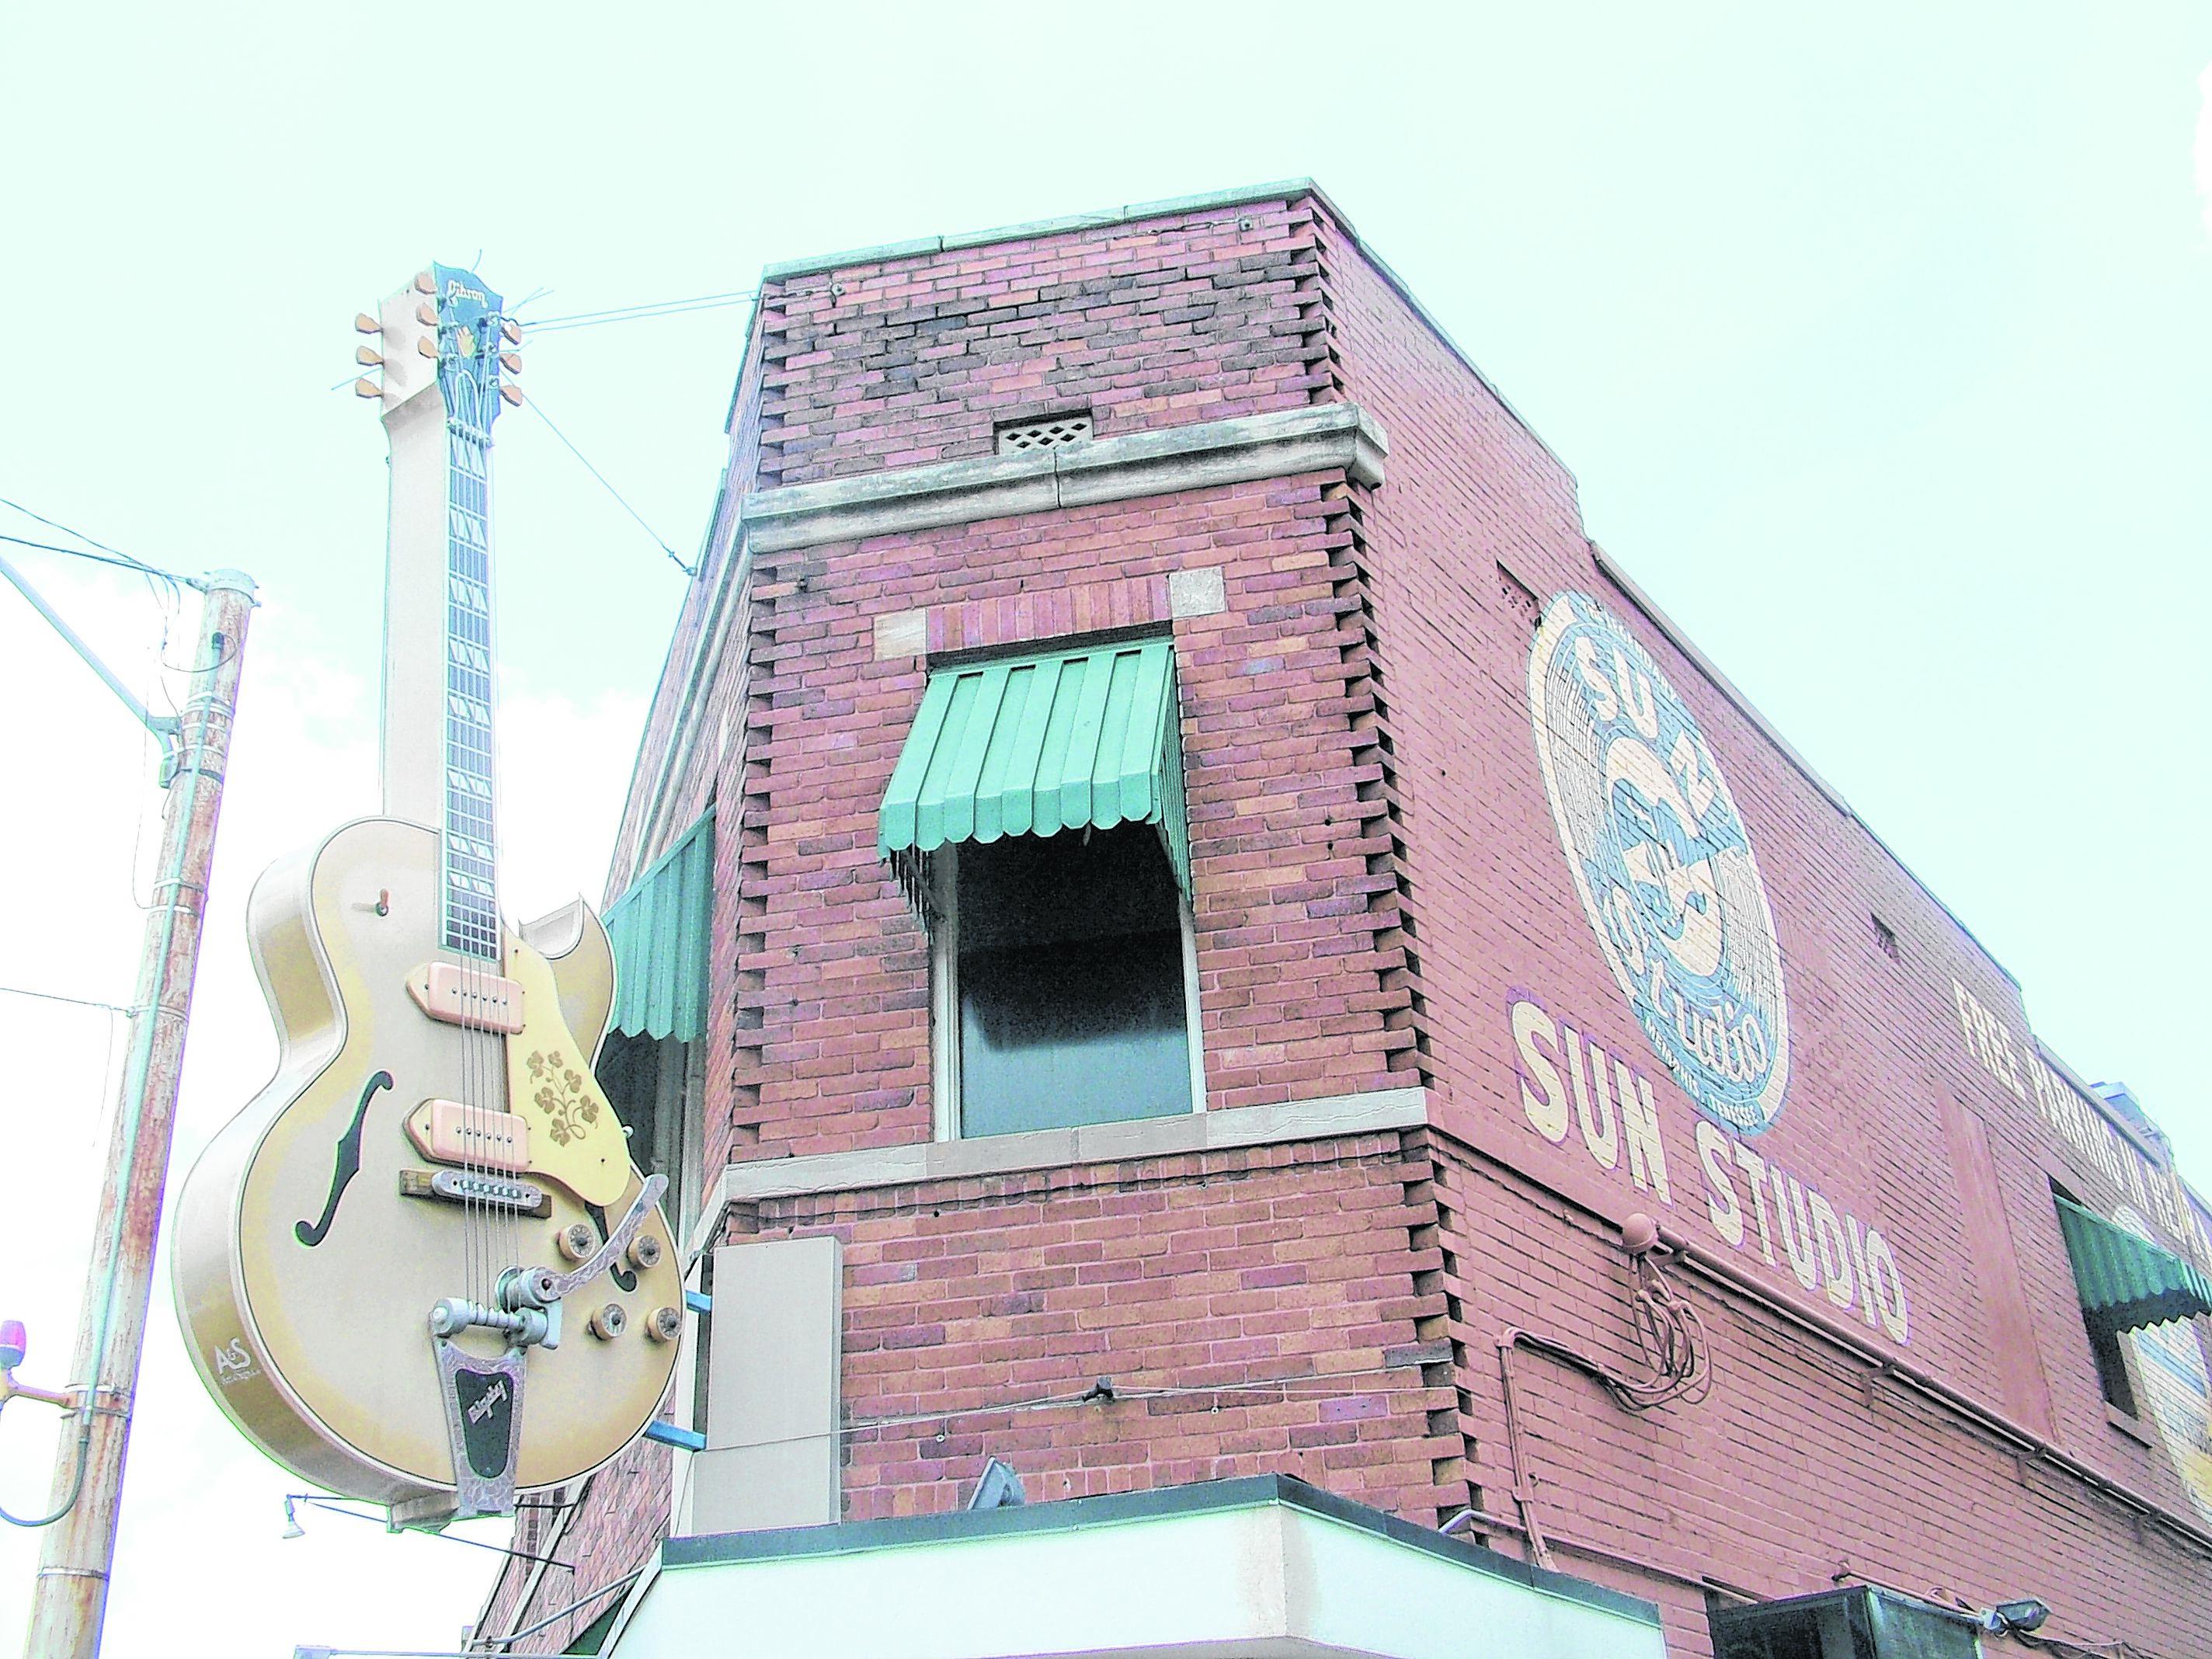 Memphis - SUN STUDIOS